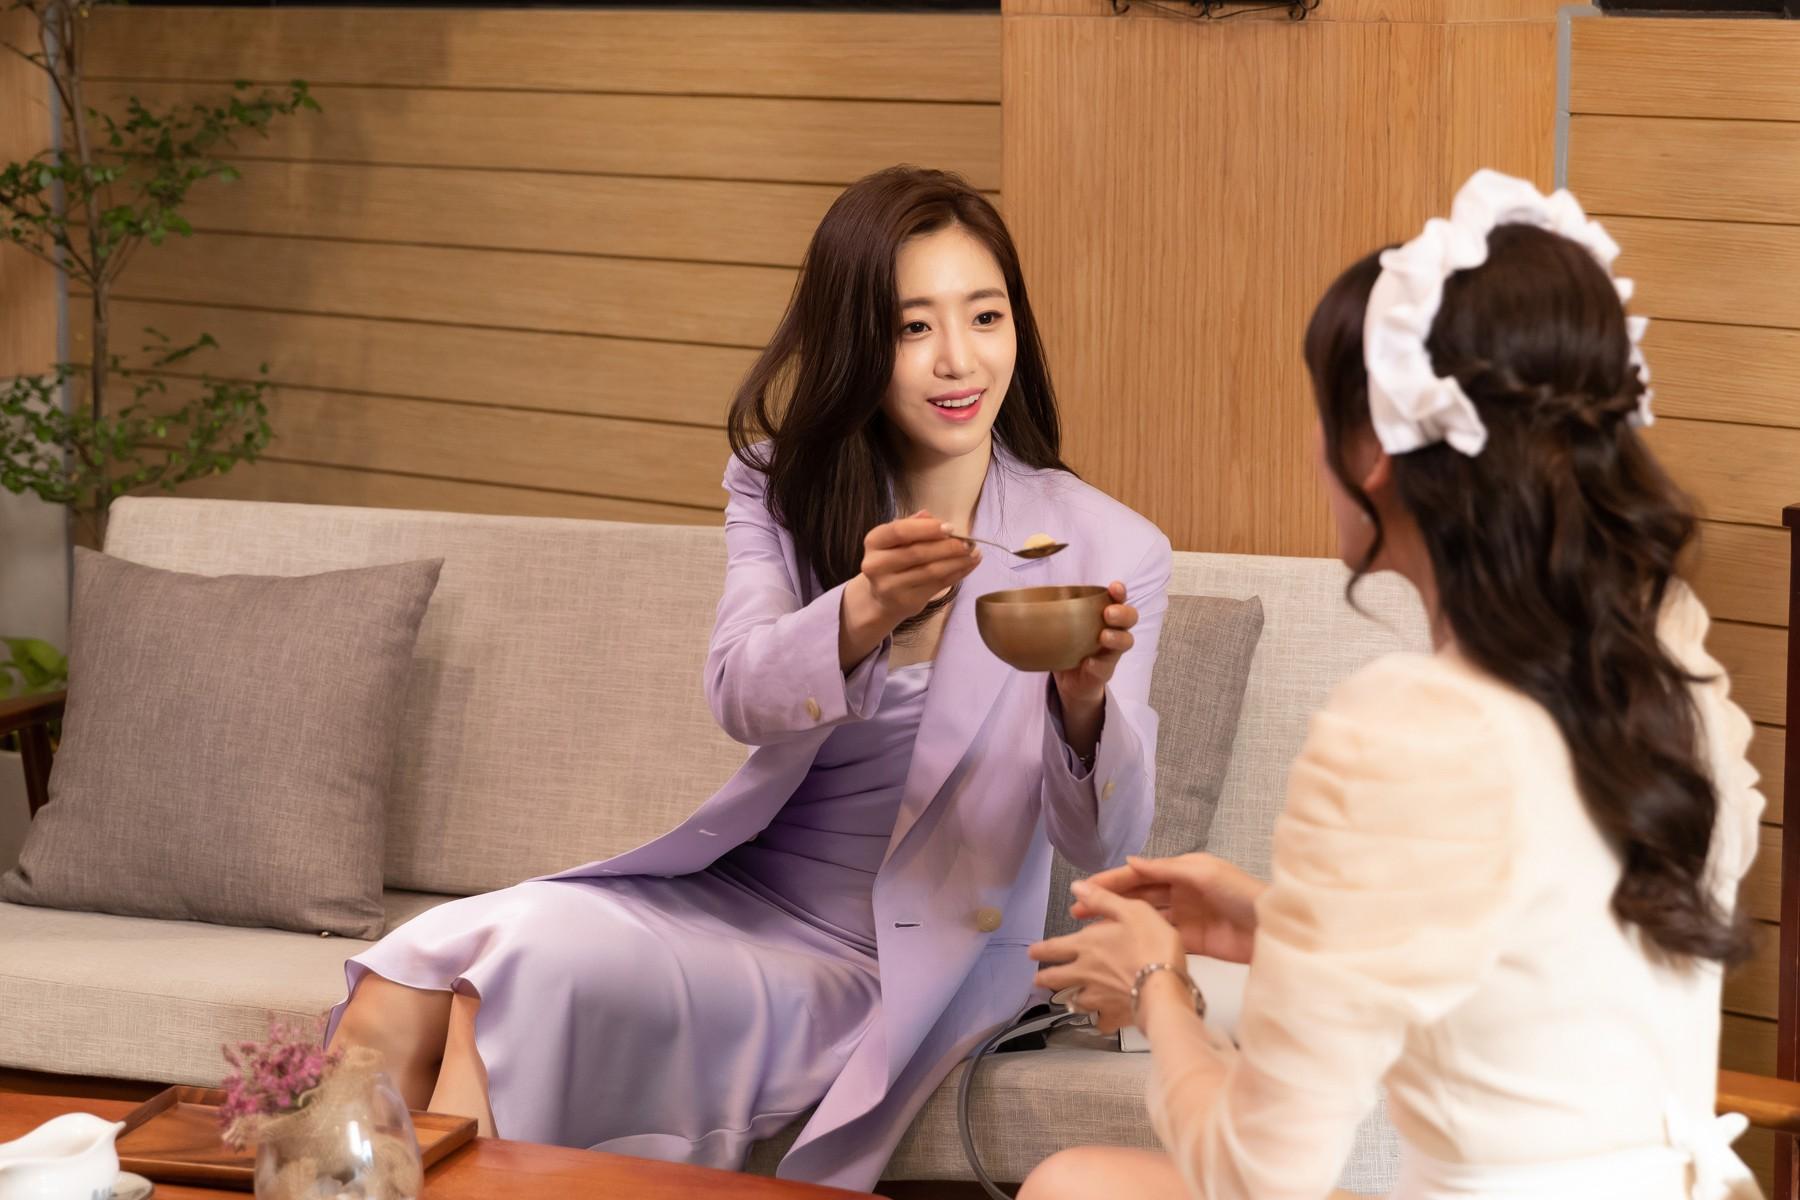 Làm nữ phục vụ xinh xắn, Hari Won bị than phiền vì thường xuyên xin ăn của đồng nghiệp  - Ảnh 7.